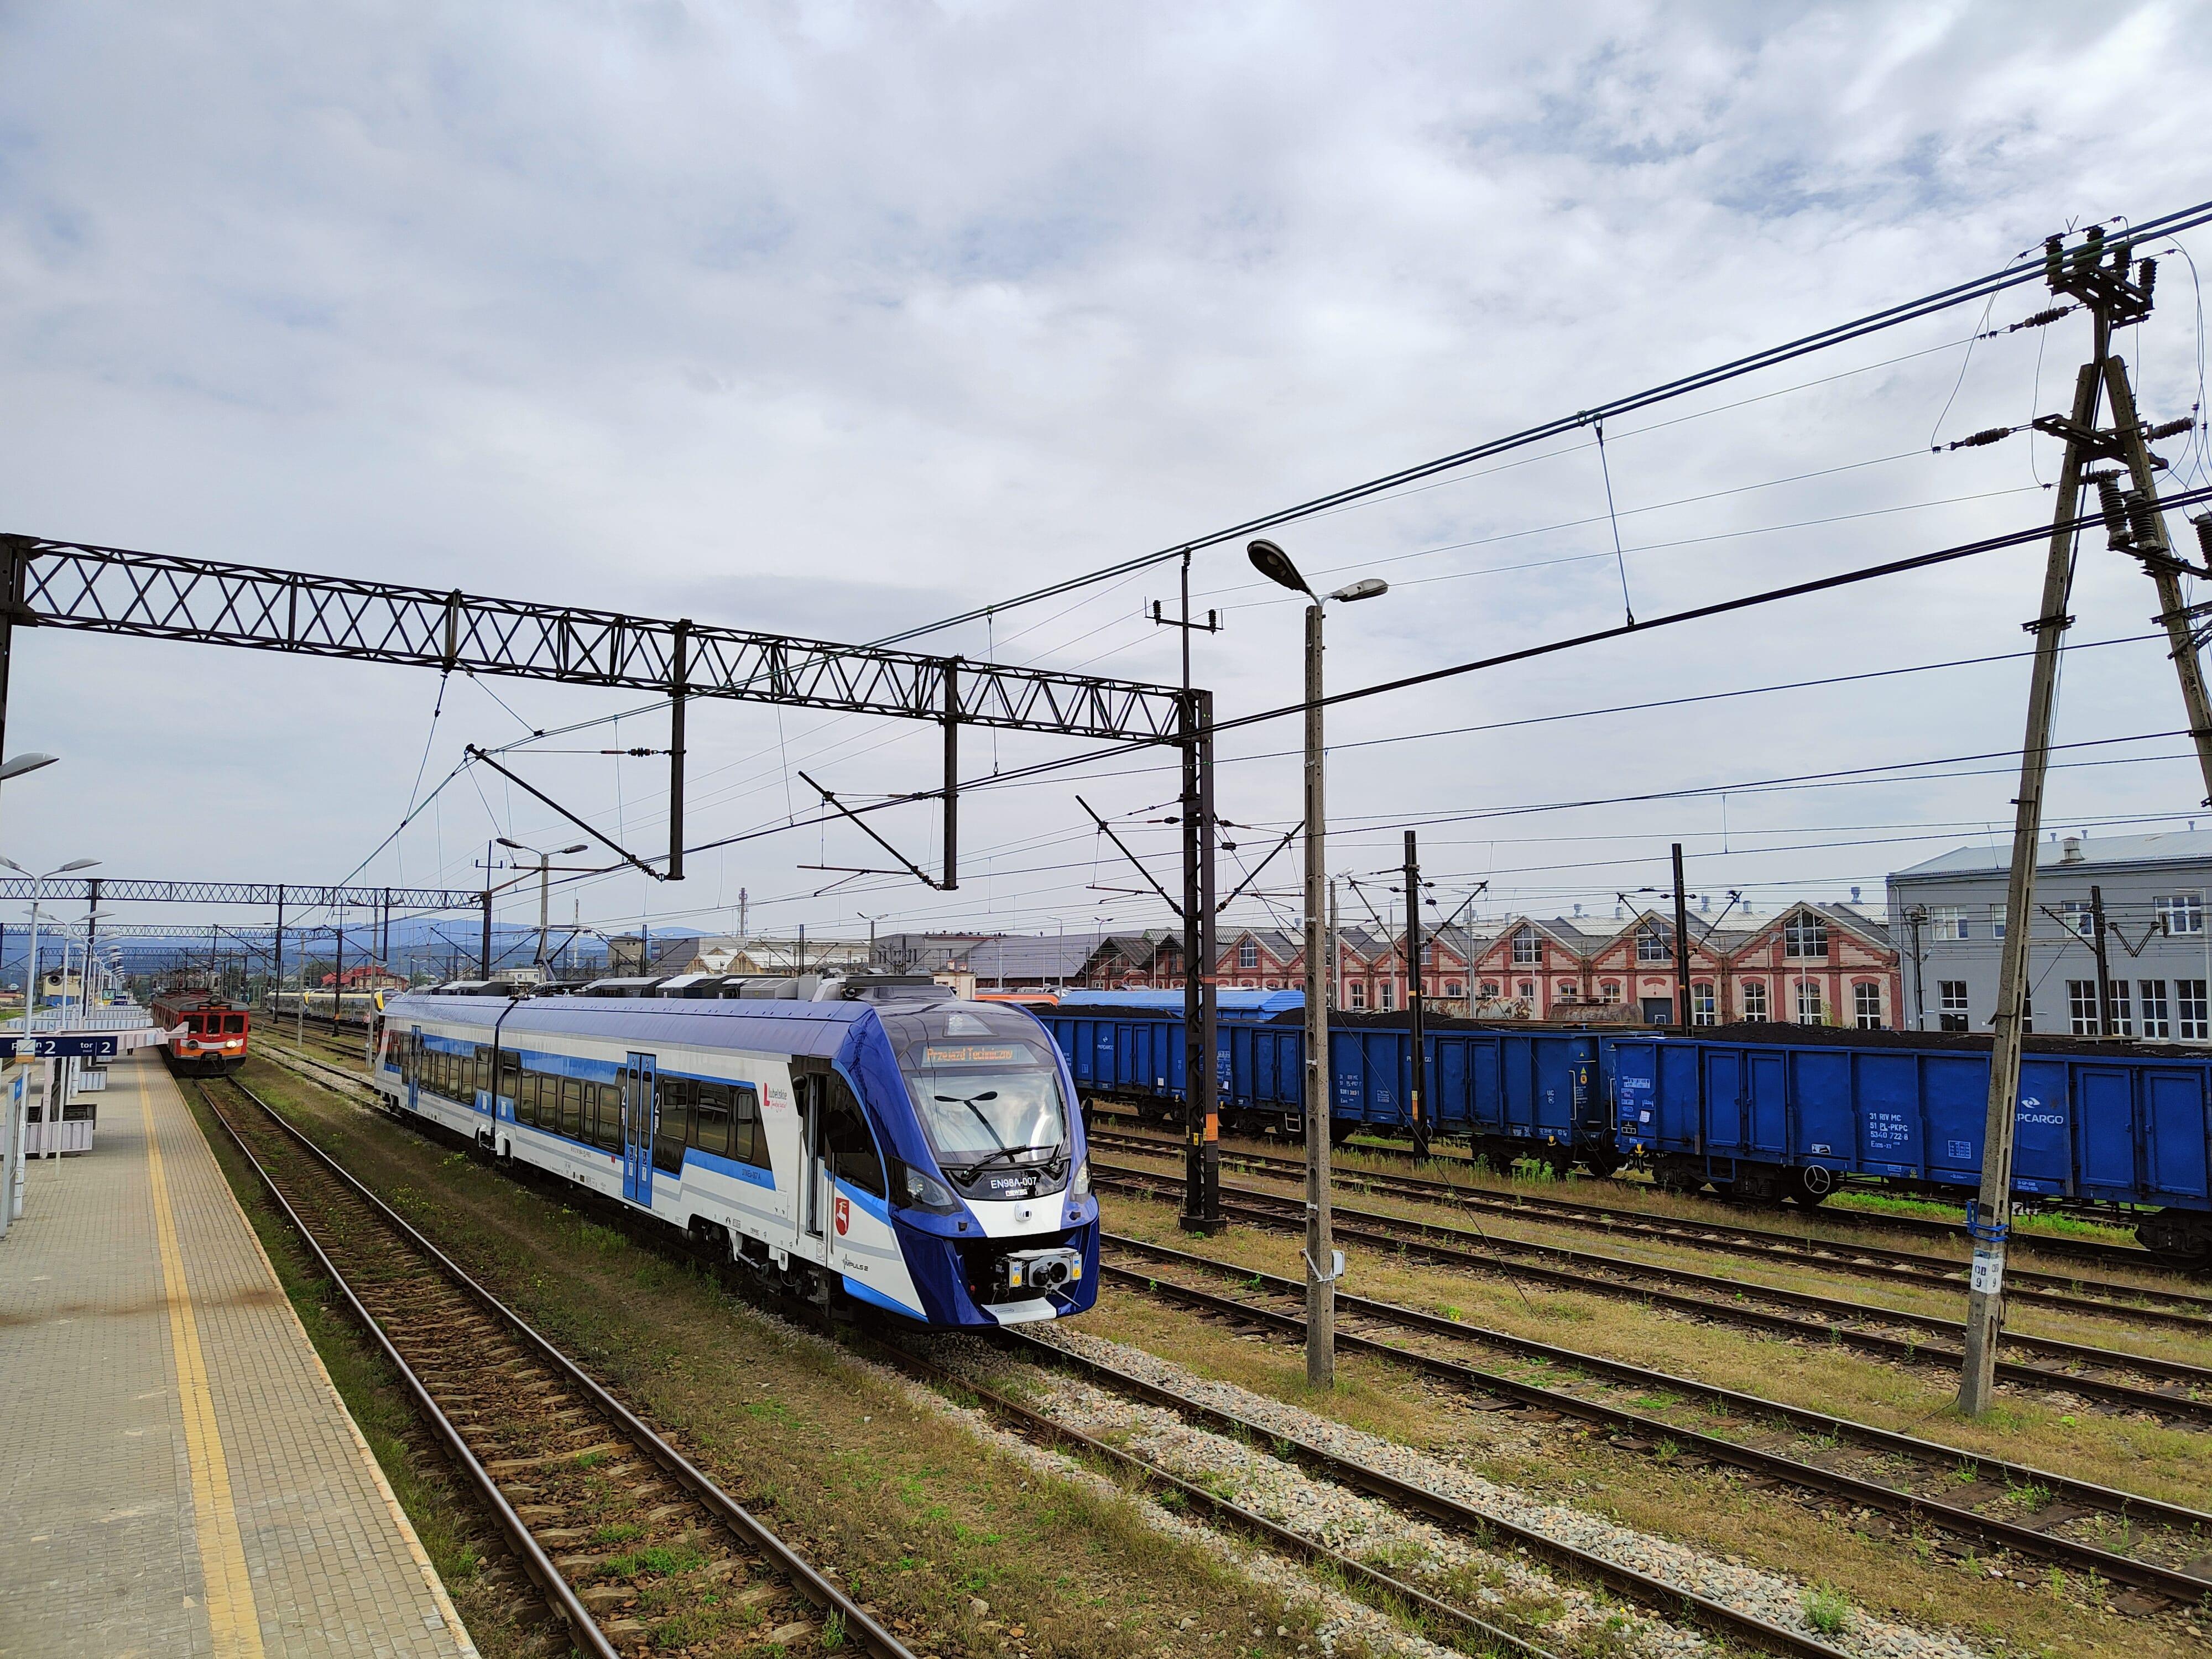 Województwo lubelskie: Na regionalne trasy wyjadą nowe pociągi - Zdjęcie główne